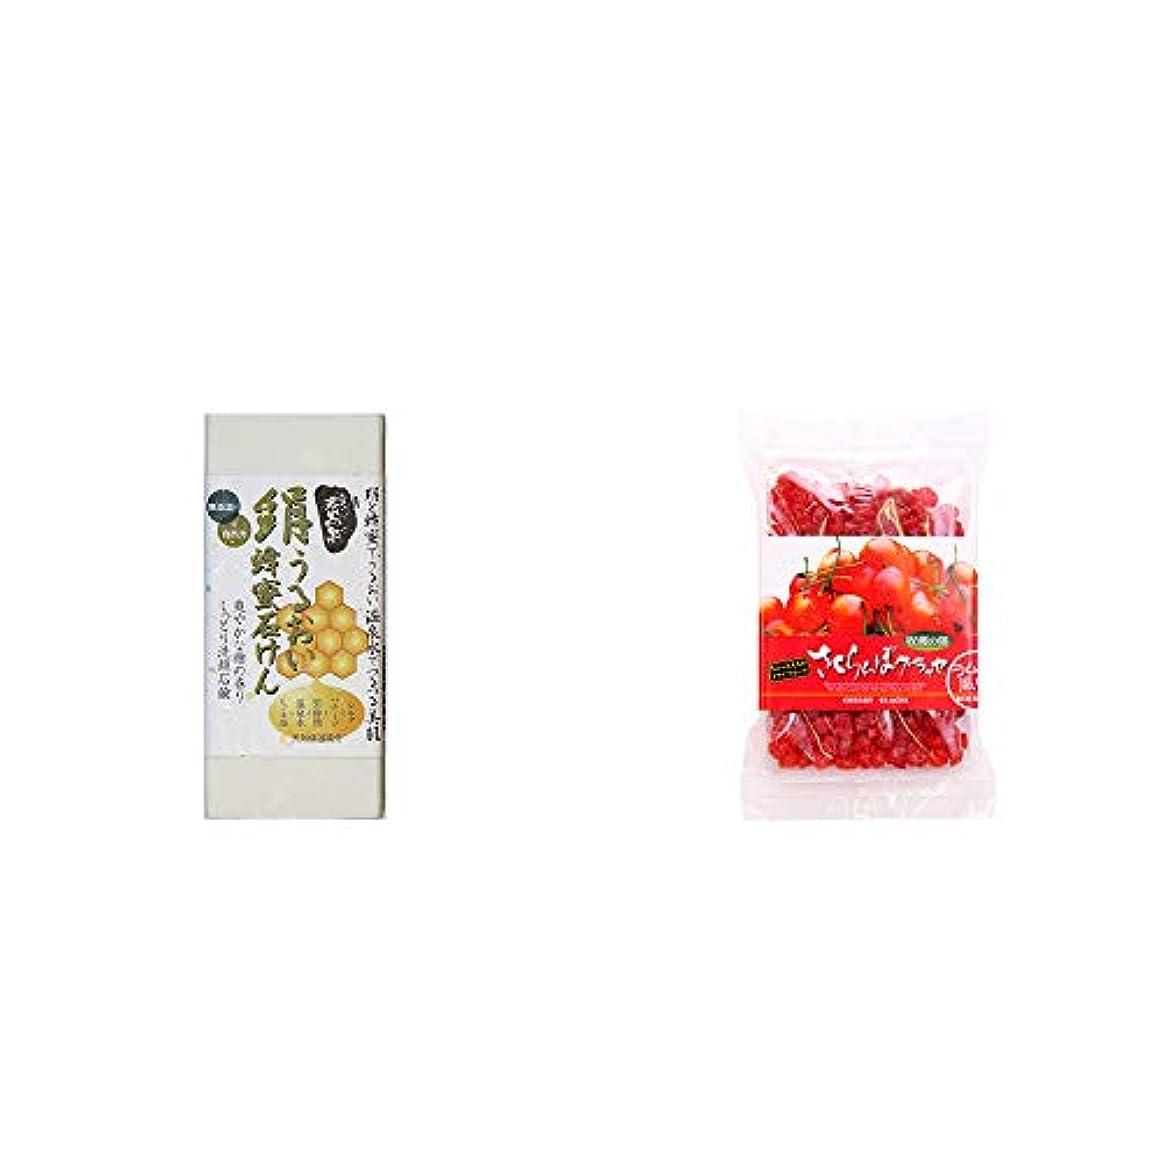 メーター叫ぶ最終[2点セット] ひのき炭黒泉 絹うるおい蜂蜜石けん(75g×2)?収穫の朝 さくらんぼグラッセ ラム酒風味(180g)